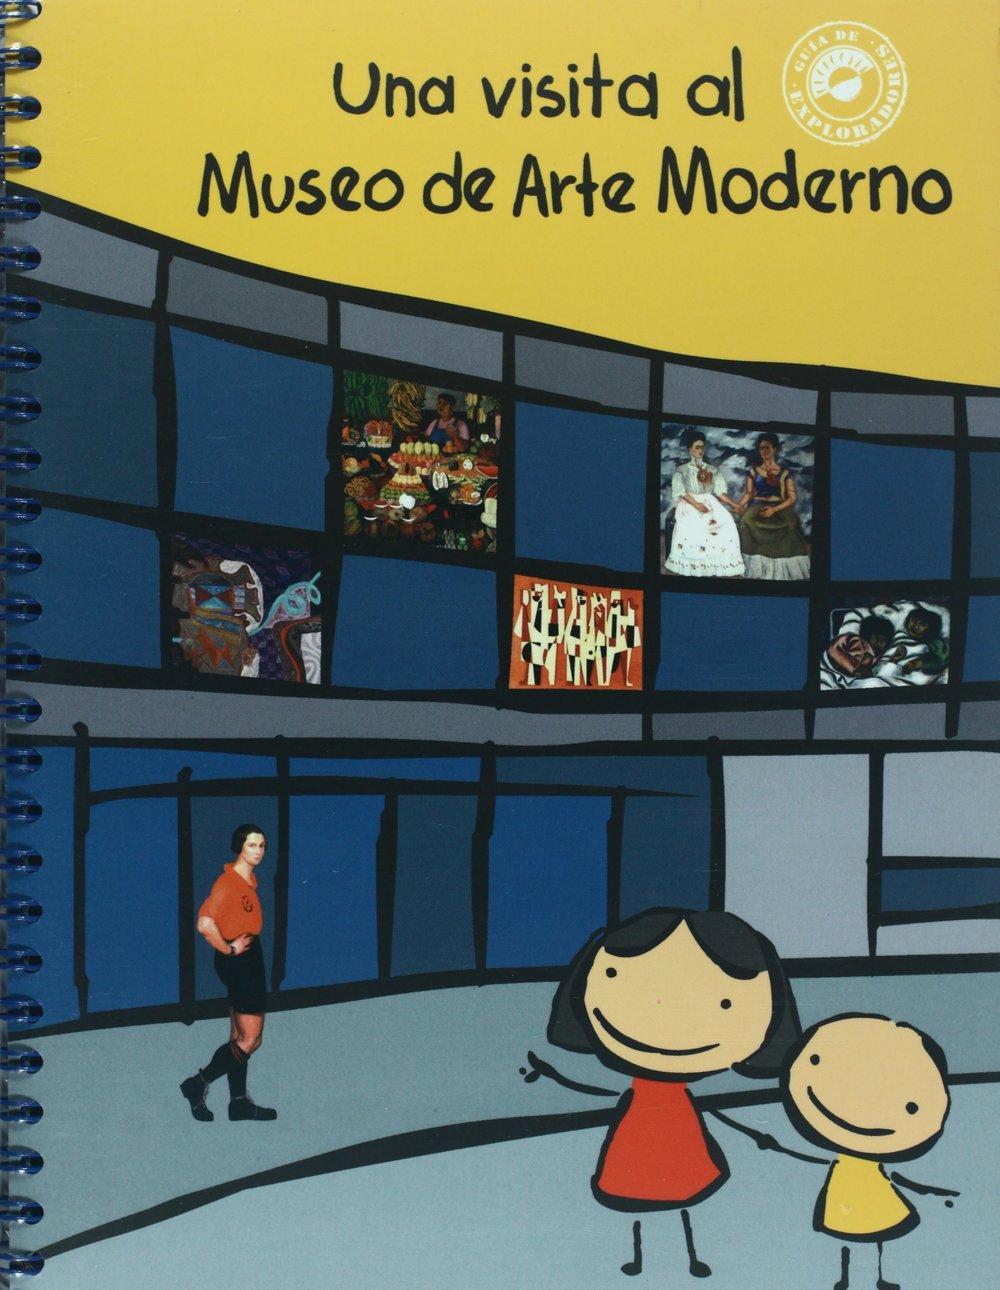 Una visita al museo de arte moderno